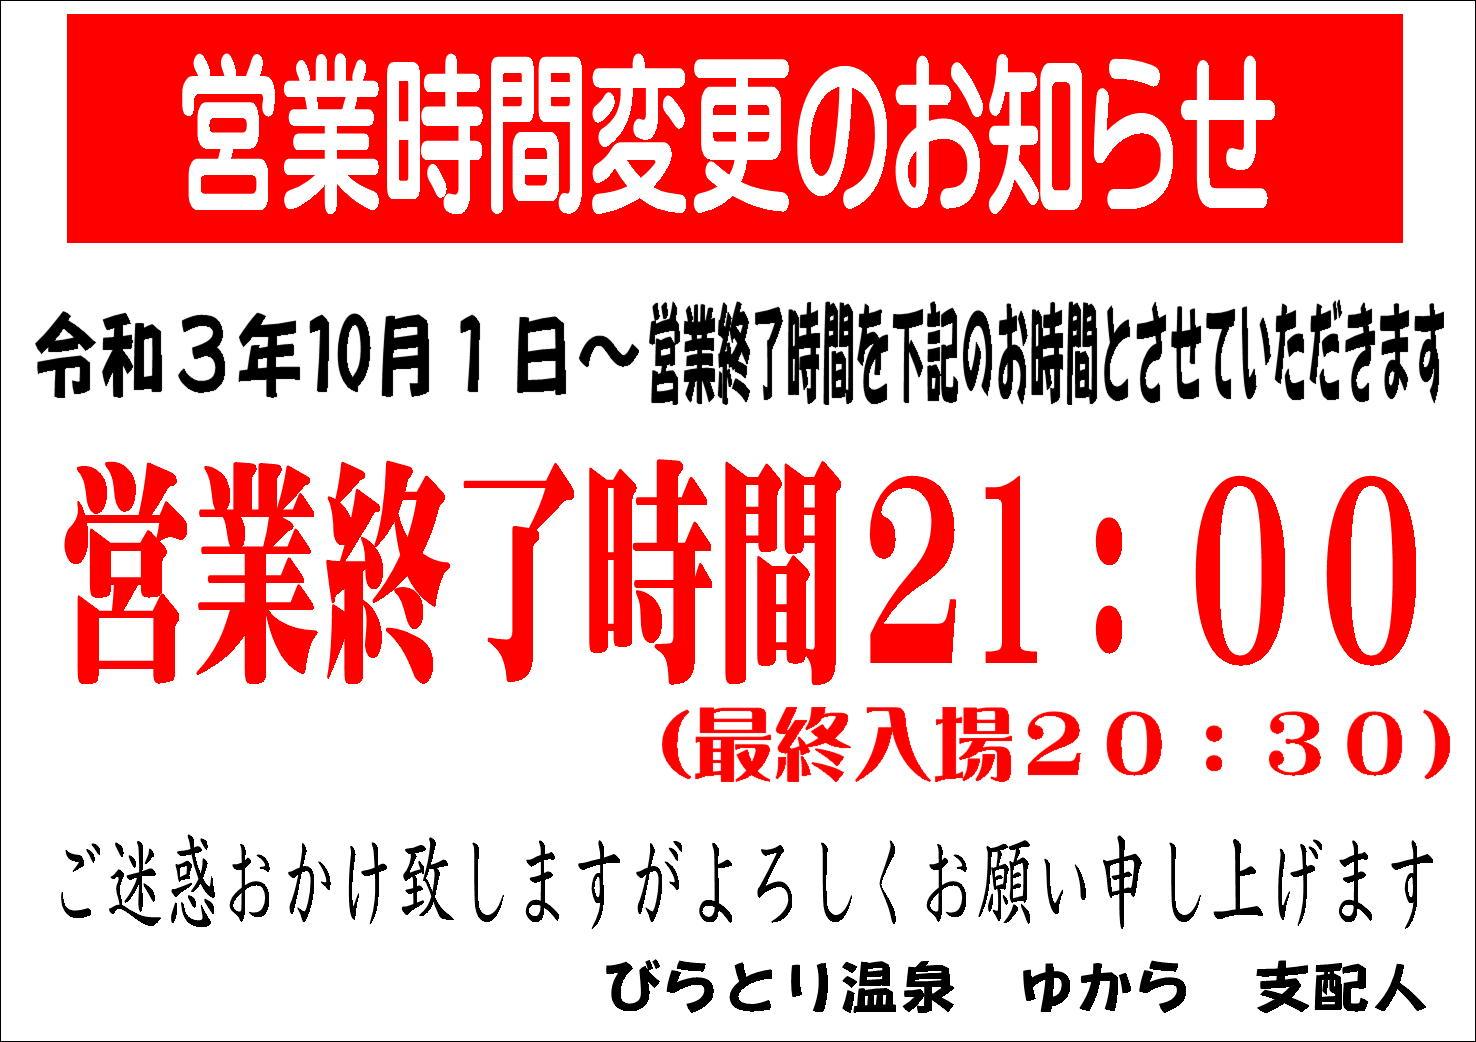 2021.10.1 営業時間変更のお知らせ.JPG